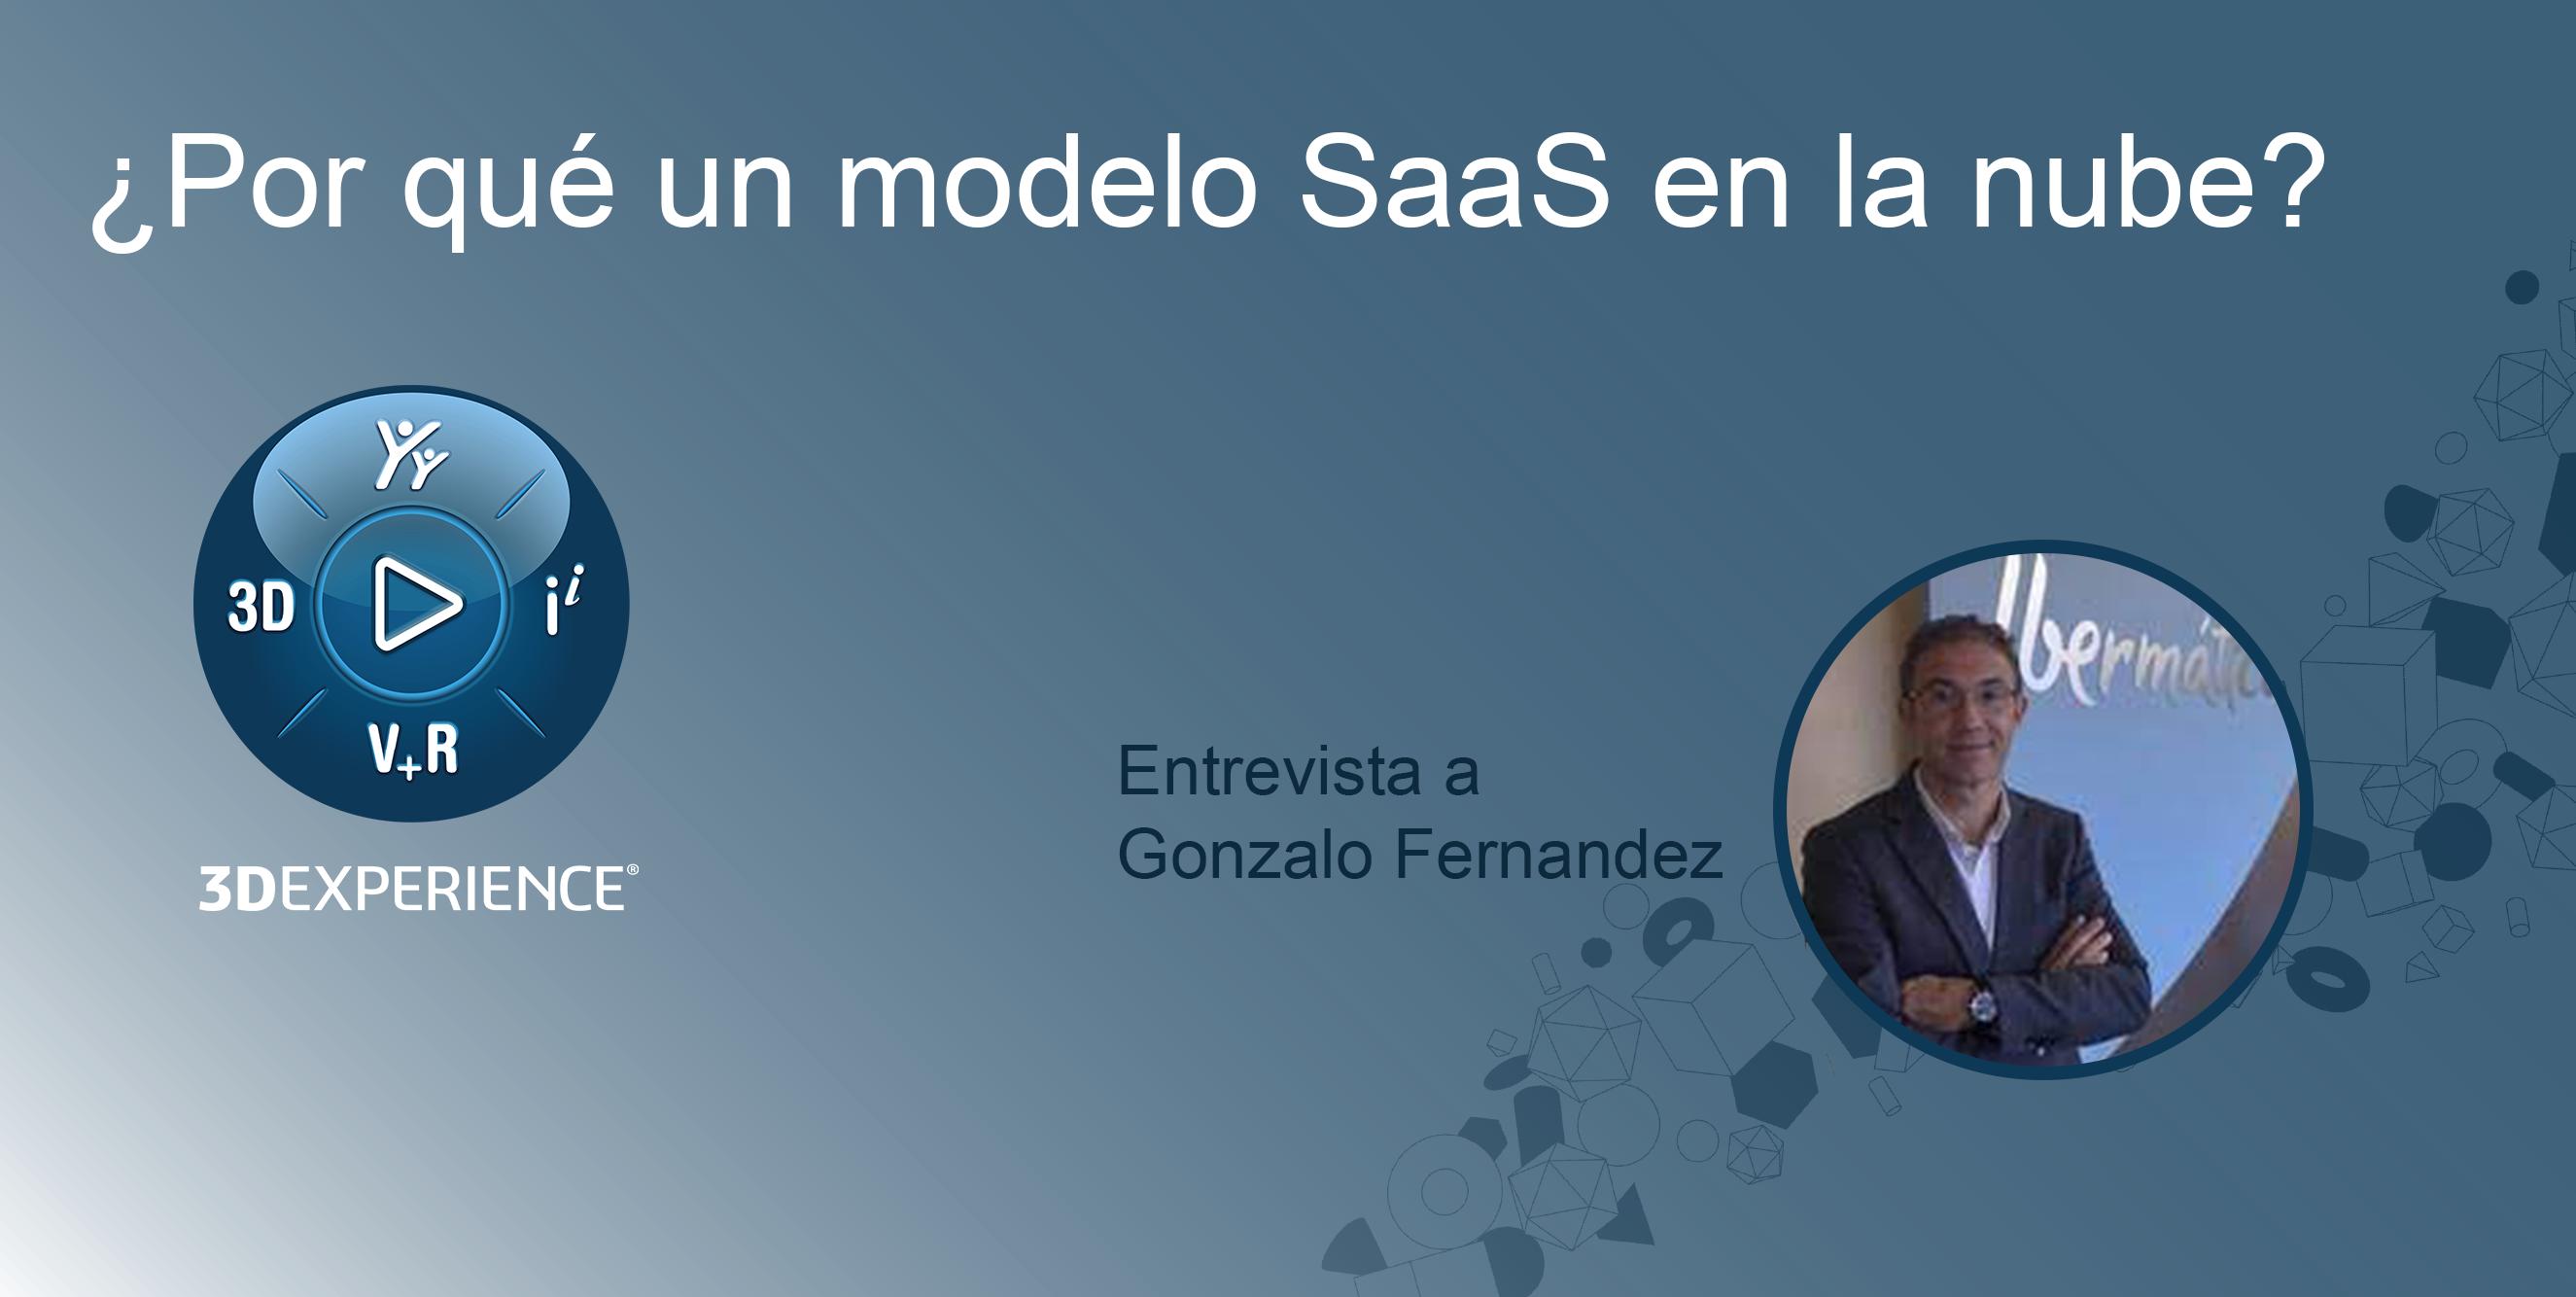 ¿Por qué un modelo SaaS en la nube? | Entrevista a Gonzalo Fernandez.